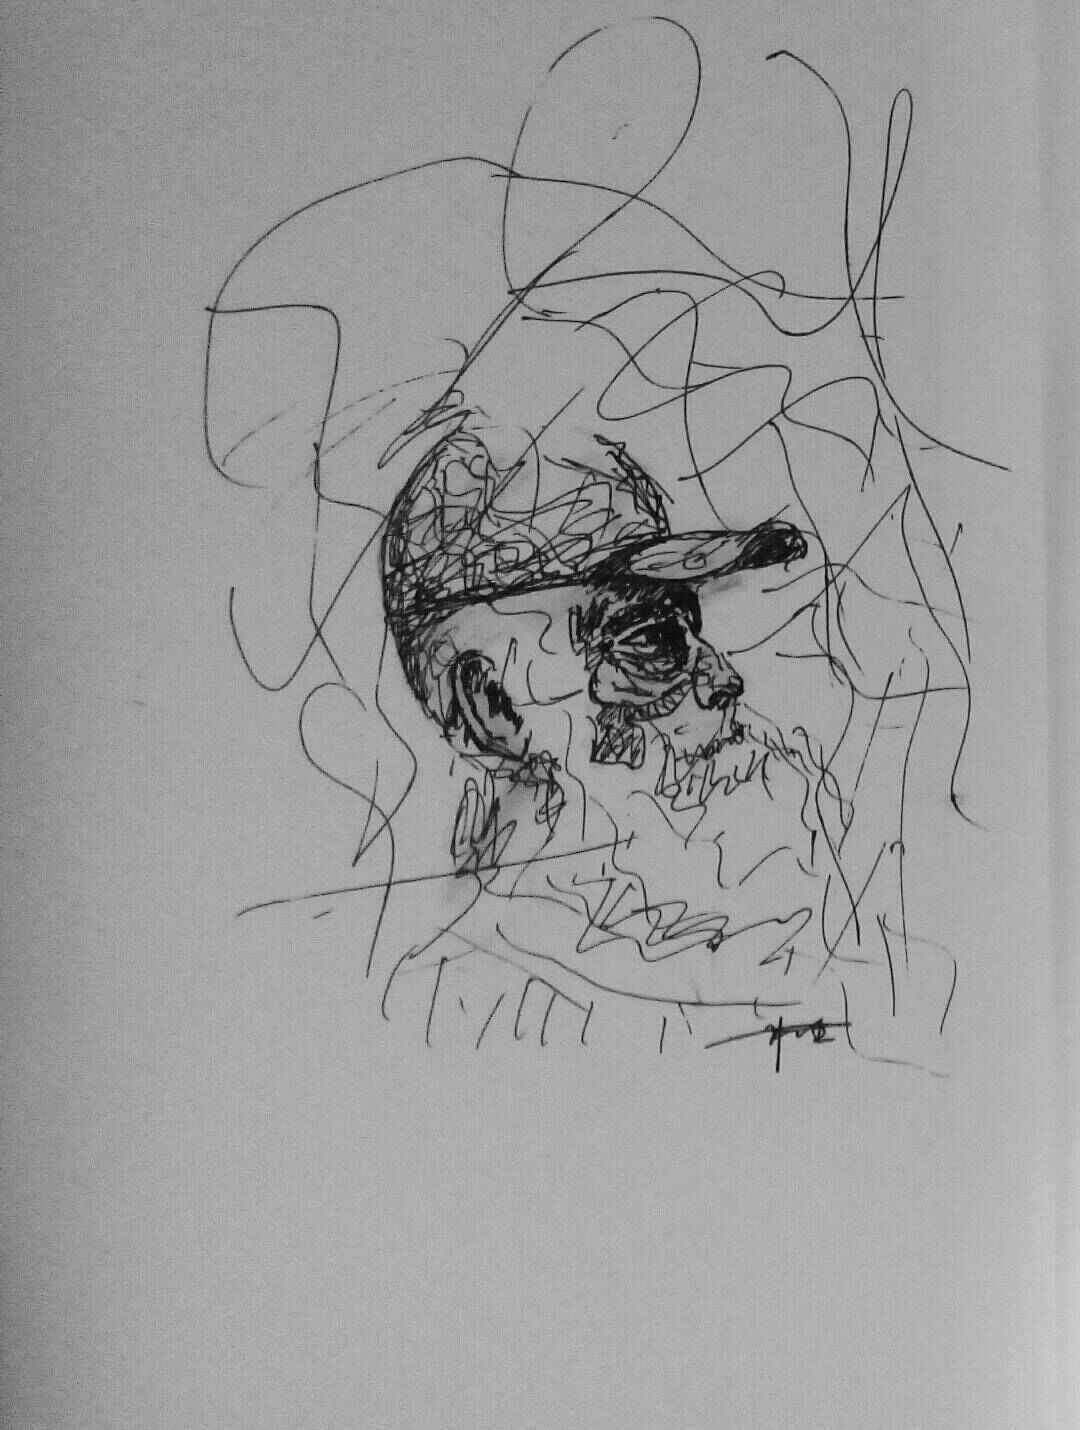 简笔画 手绘 素描 线稿 1080_1430 竖版 竖屏